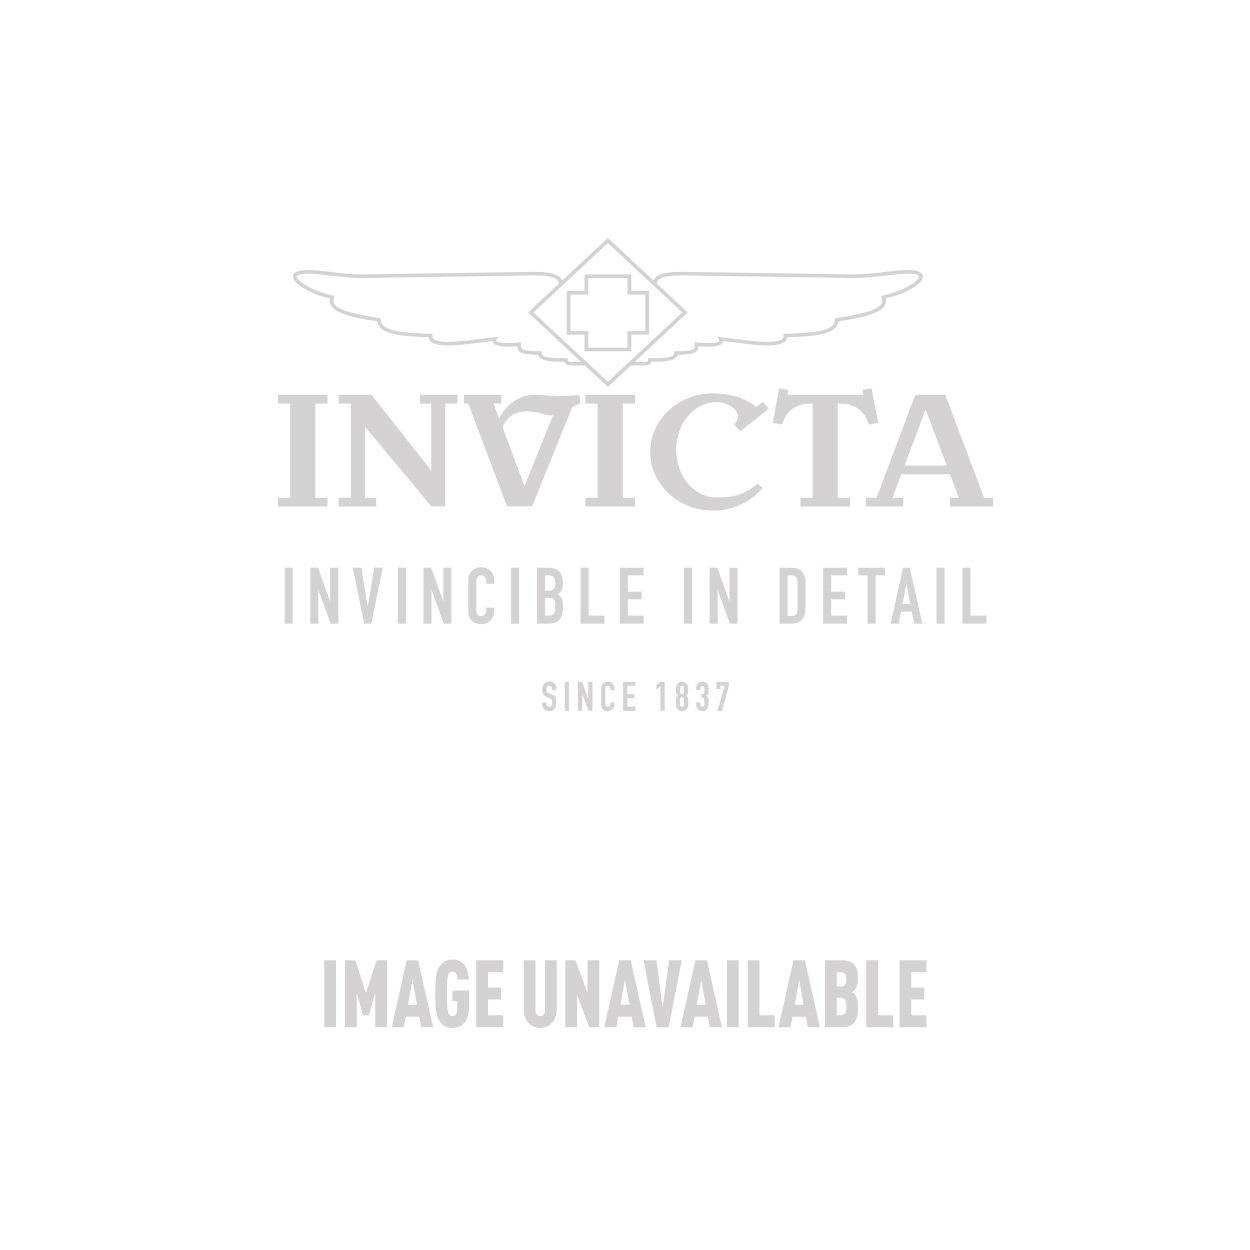 Invicta Model 27497